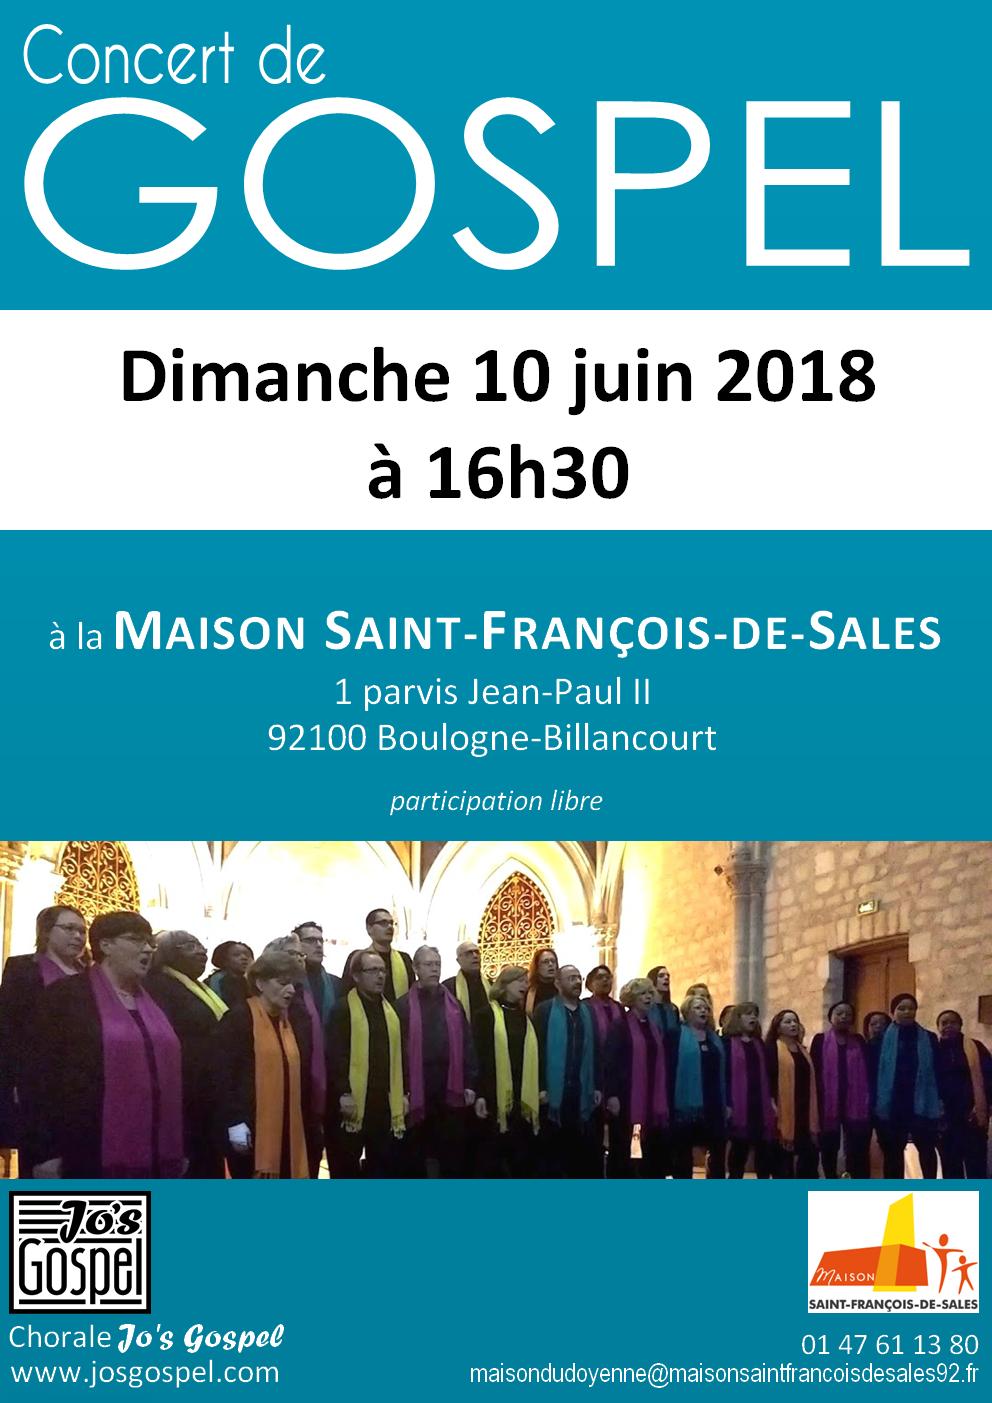 Jo's Gospel concert - Maison Saint-François-de-Sales